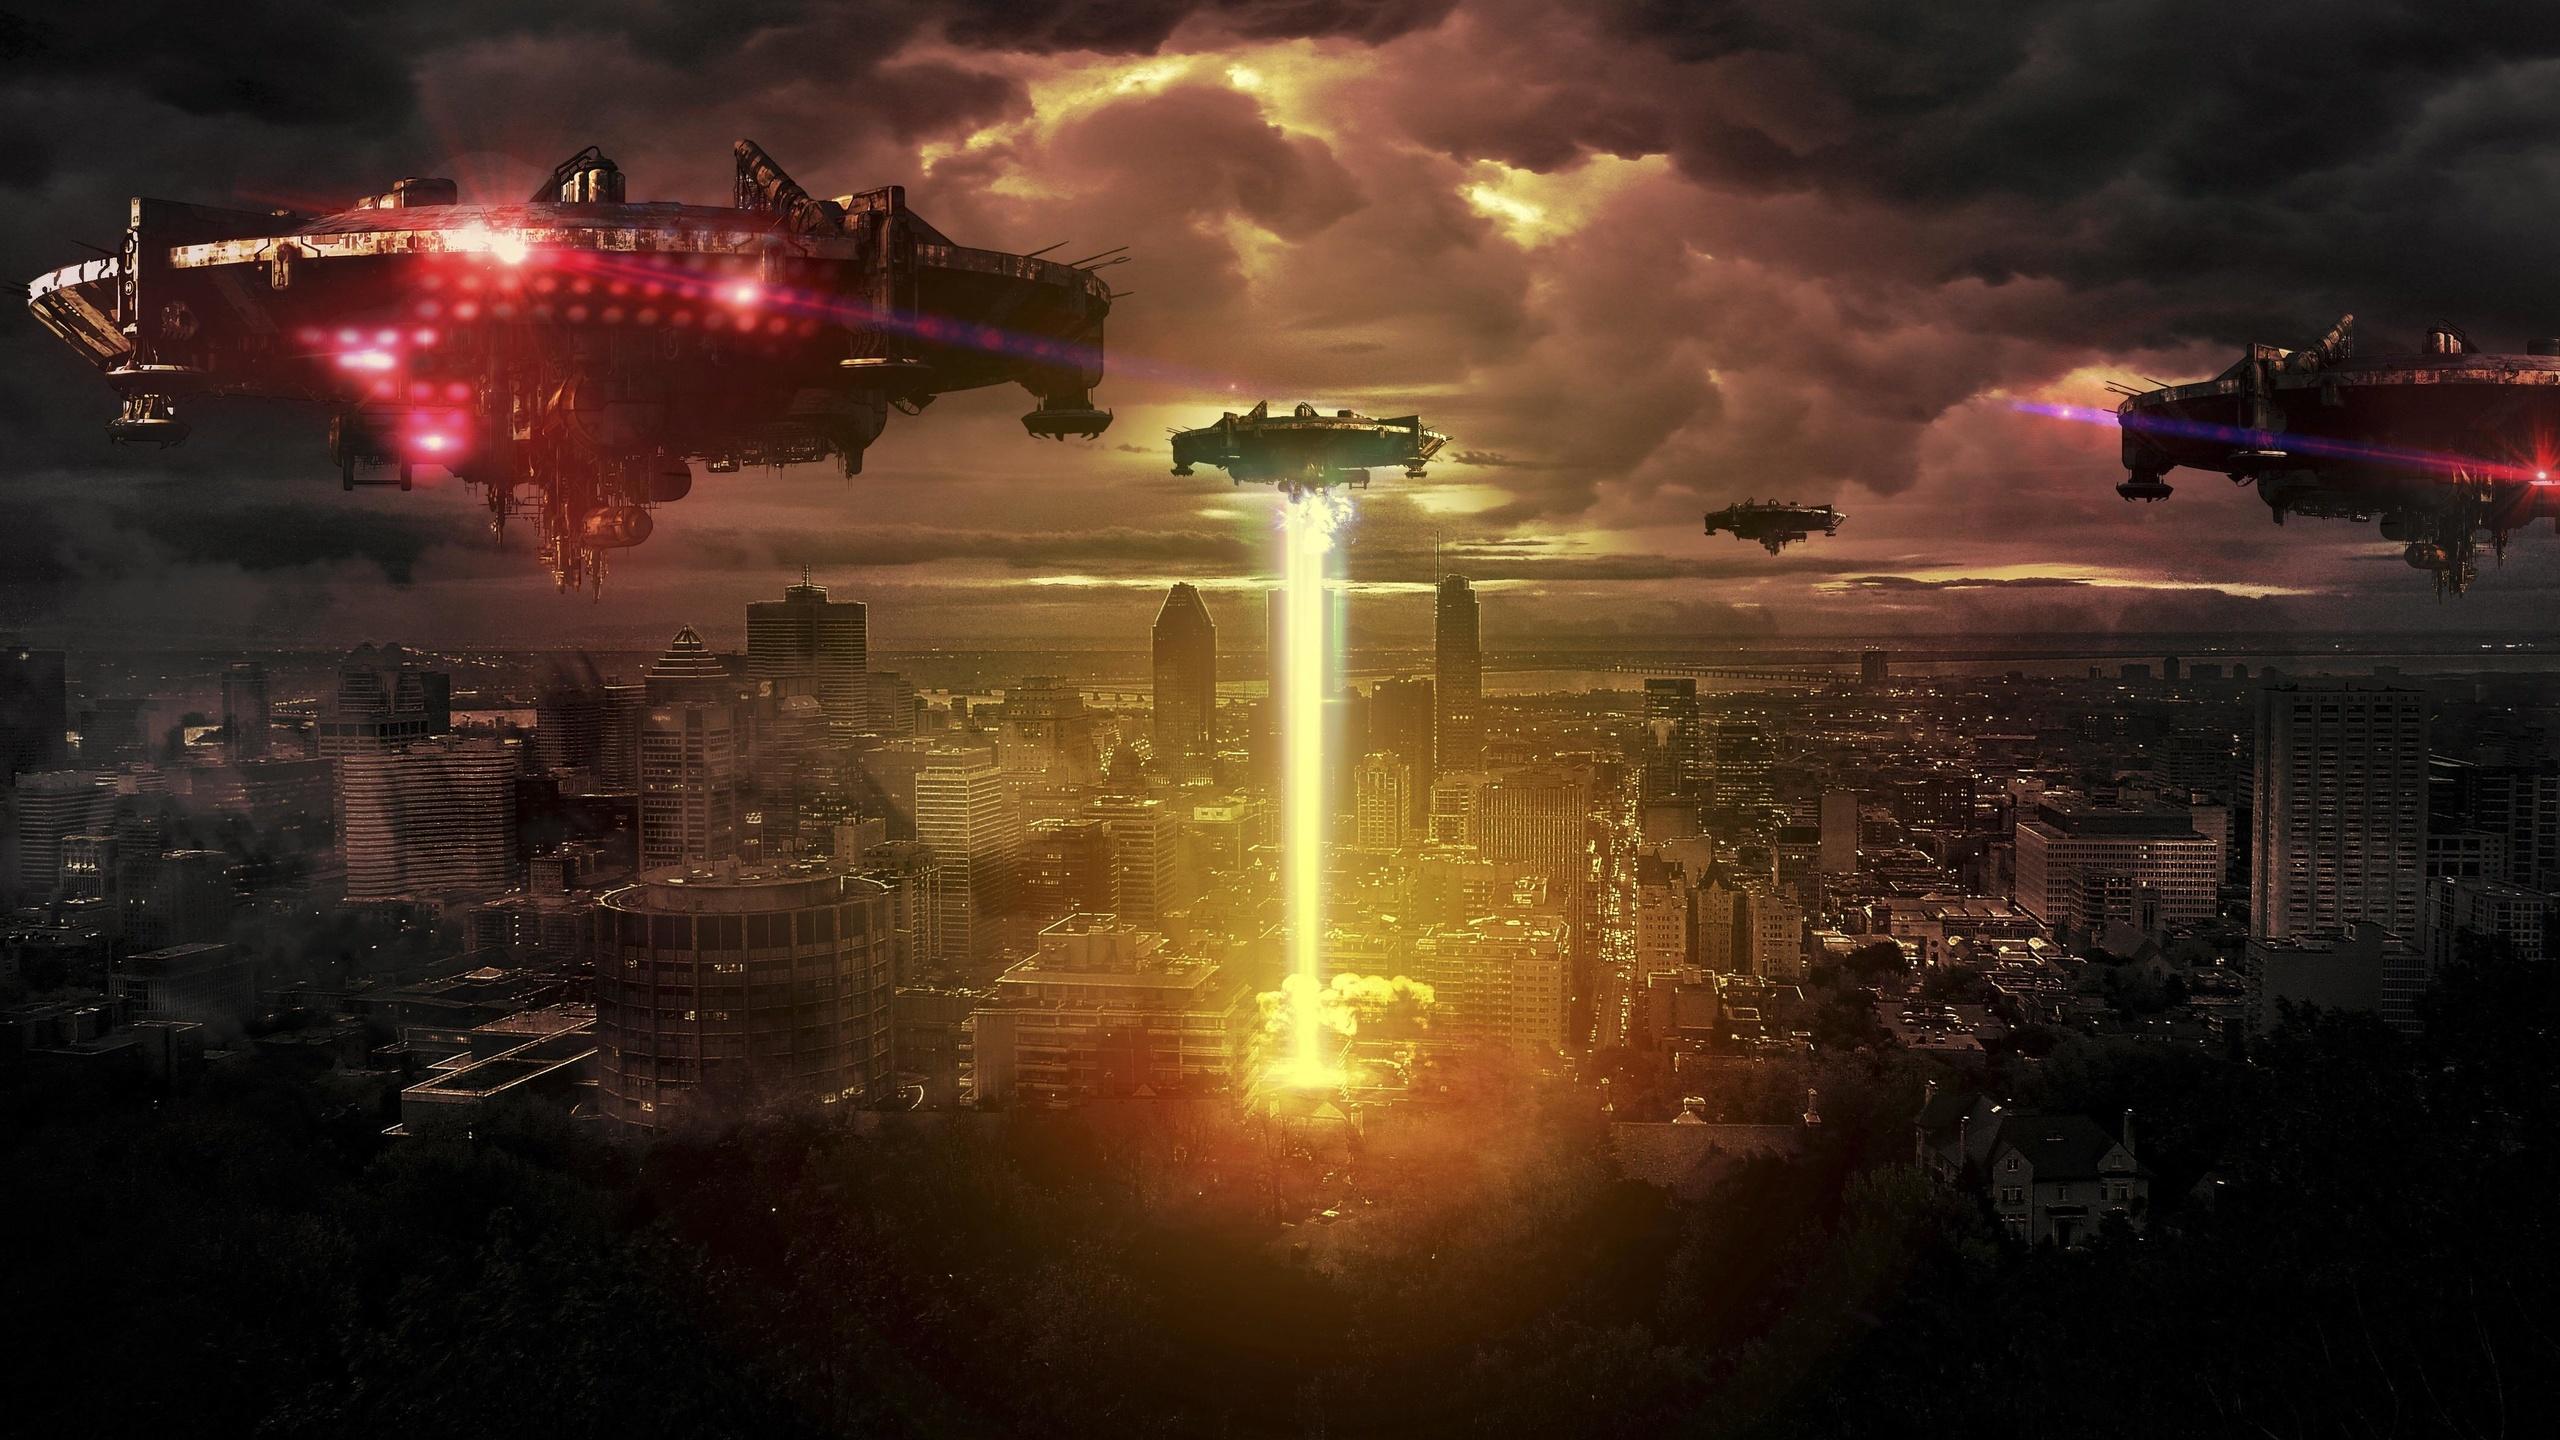 космические корабли, фэнтези, город, ночь